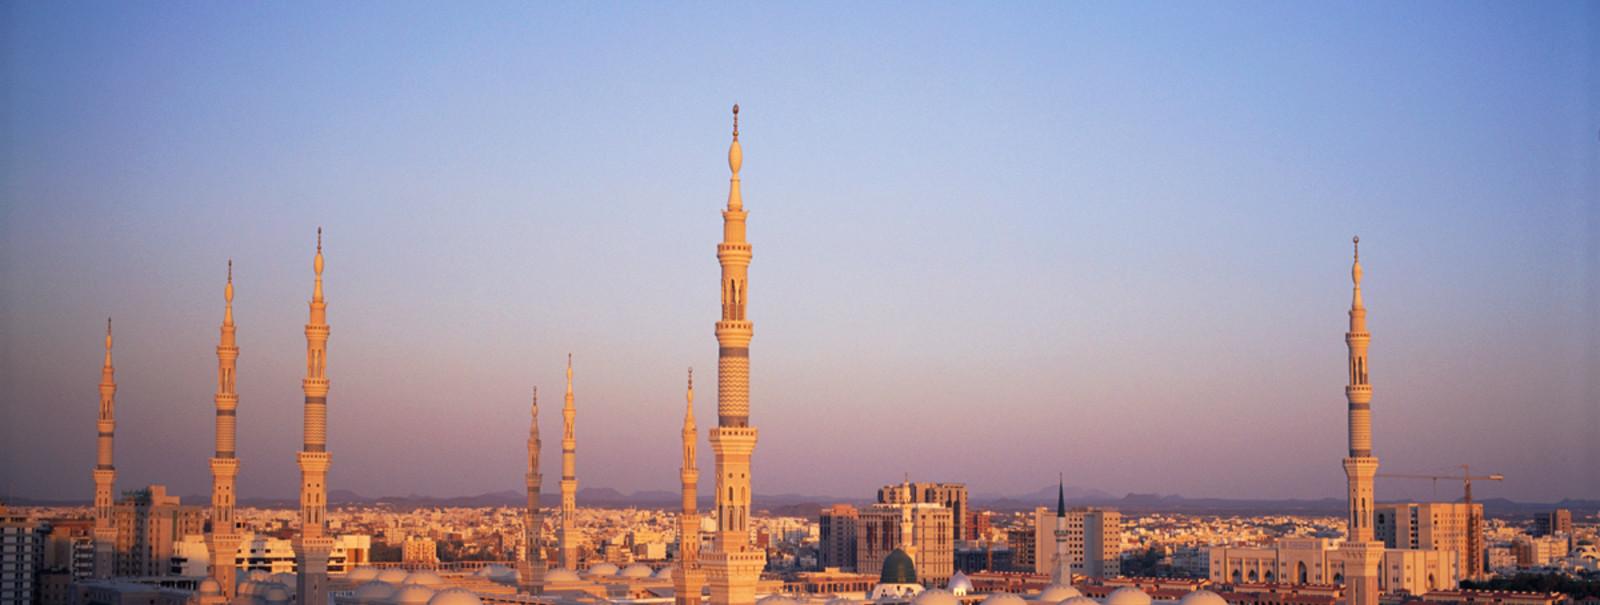 arabie-saoudite_1600x605_panoramique.jpg